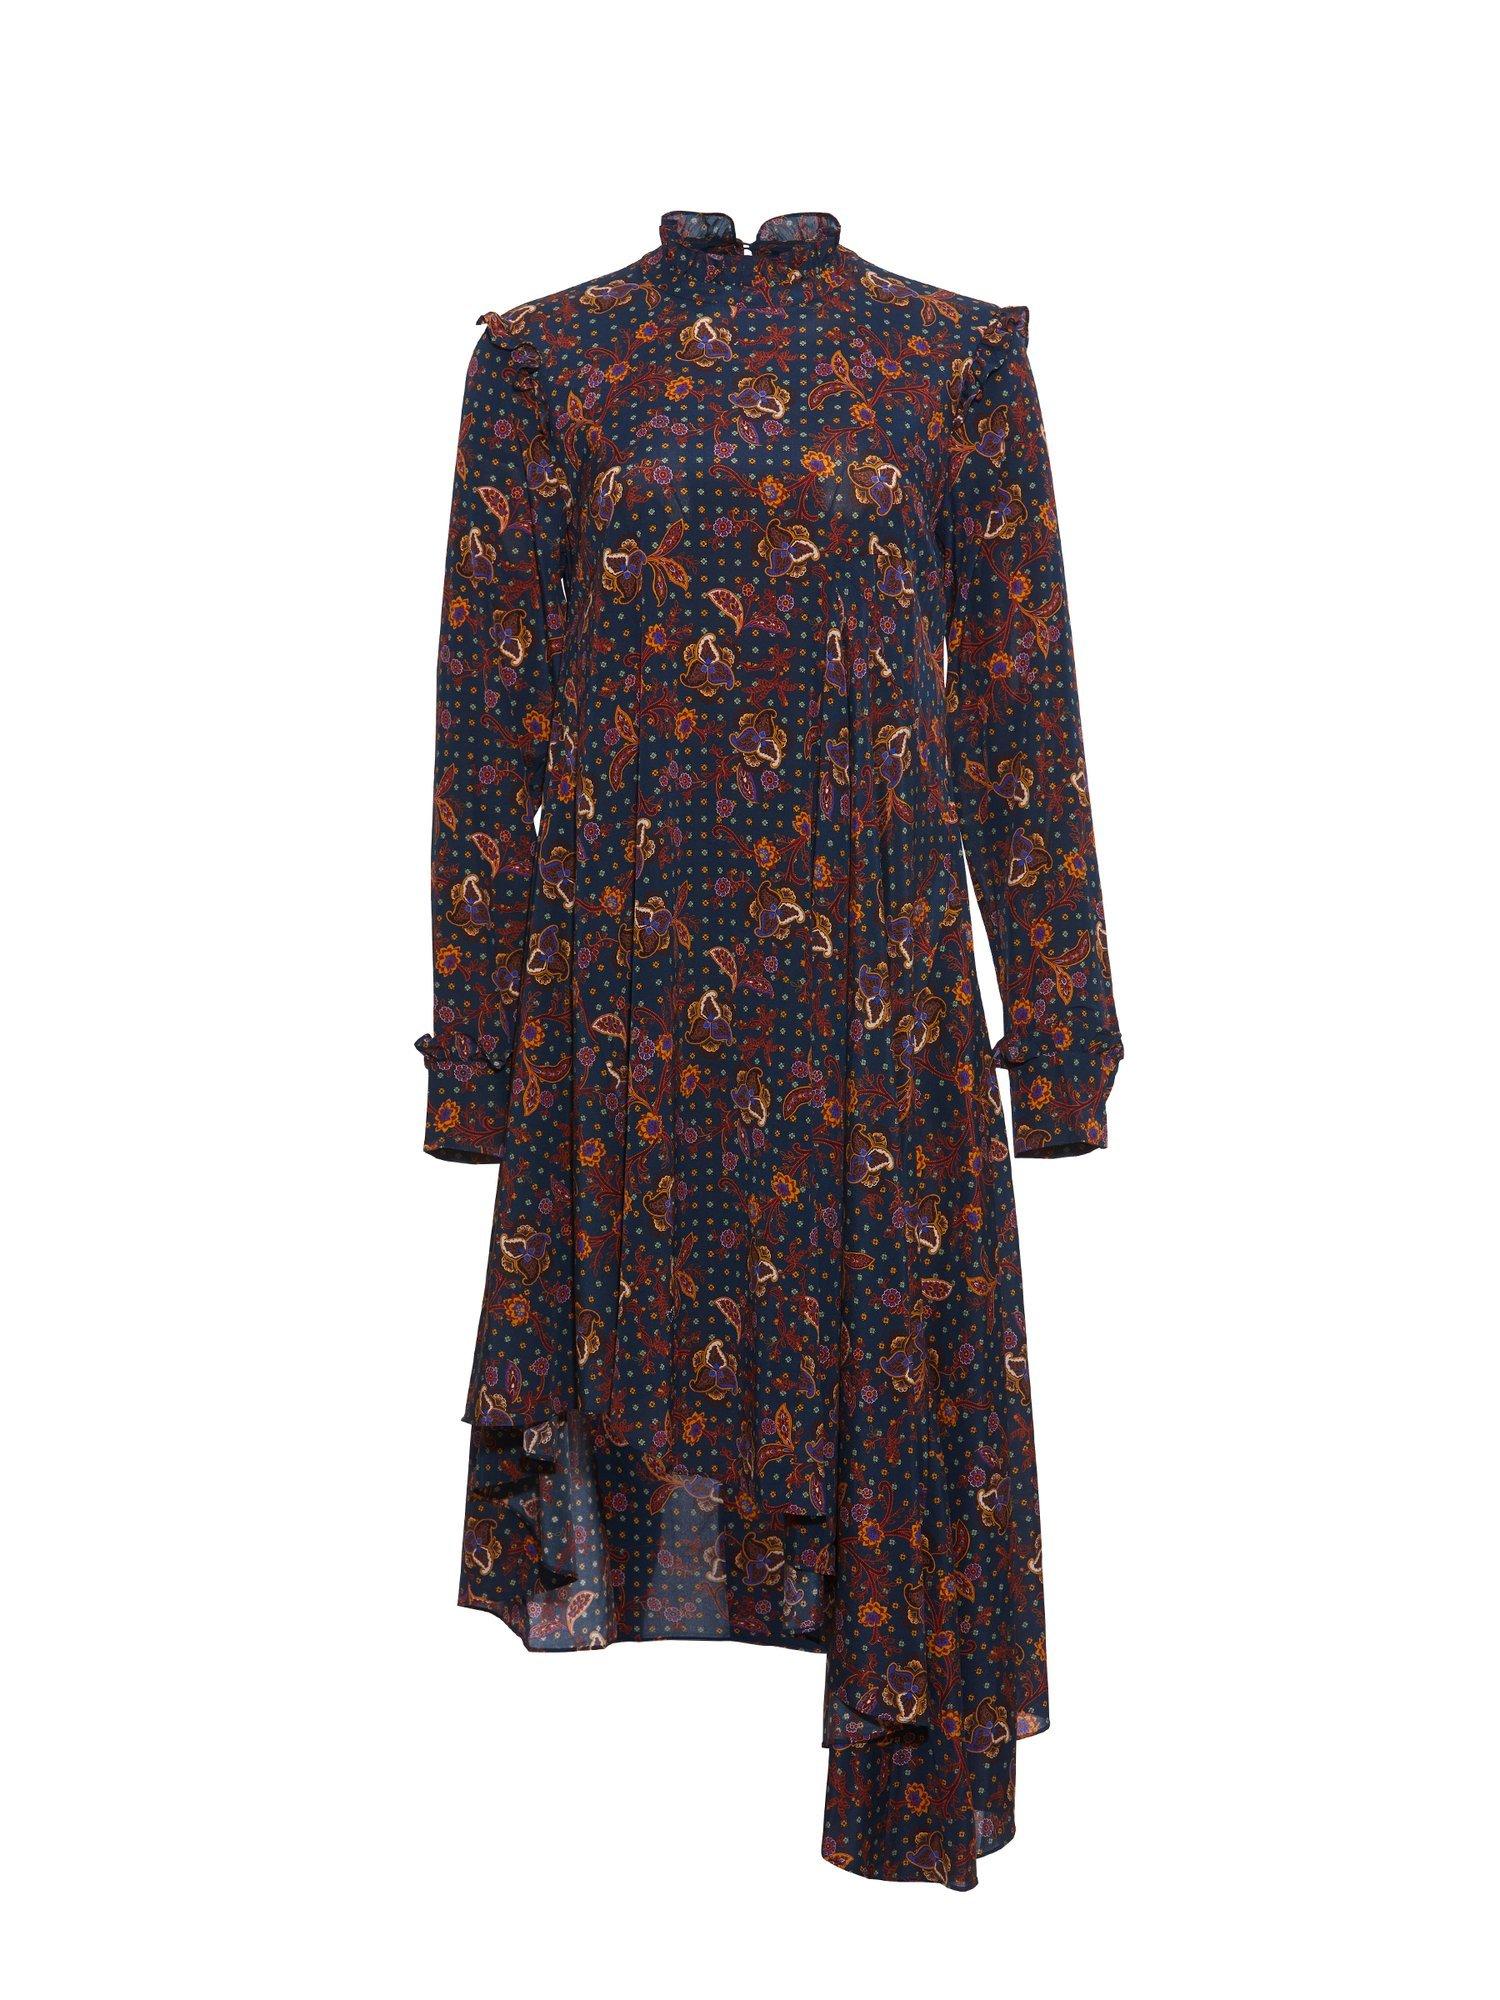 Heartmade/Julie Fagerholt Haya Dress 937